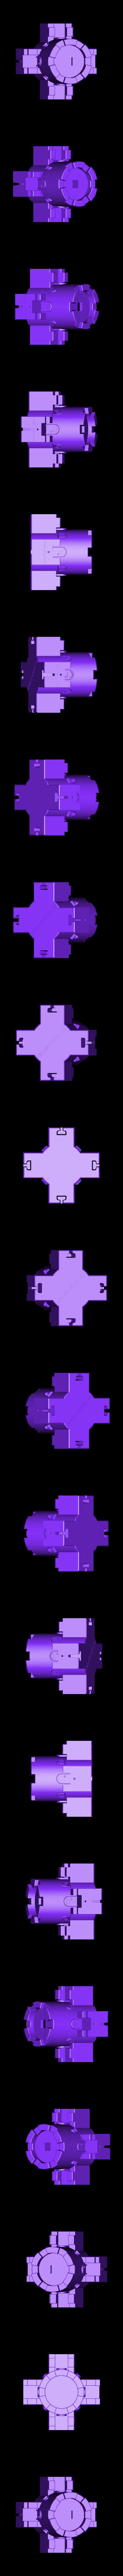 Round_Tower_+_Hollow_(Modular Castle Playset - 3D-printable)_By_CreativeTools.se.stl Télécharger fichier STL gratuit Plateau modulaire de château (imprimable en 3D) • Modèle à imprimer en 3D, CreativeTools